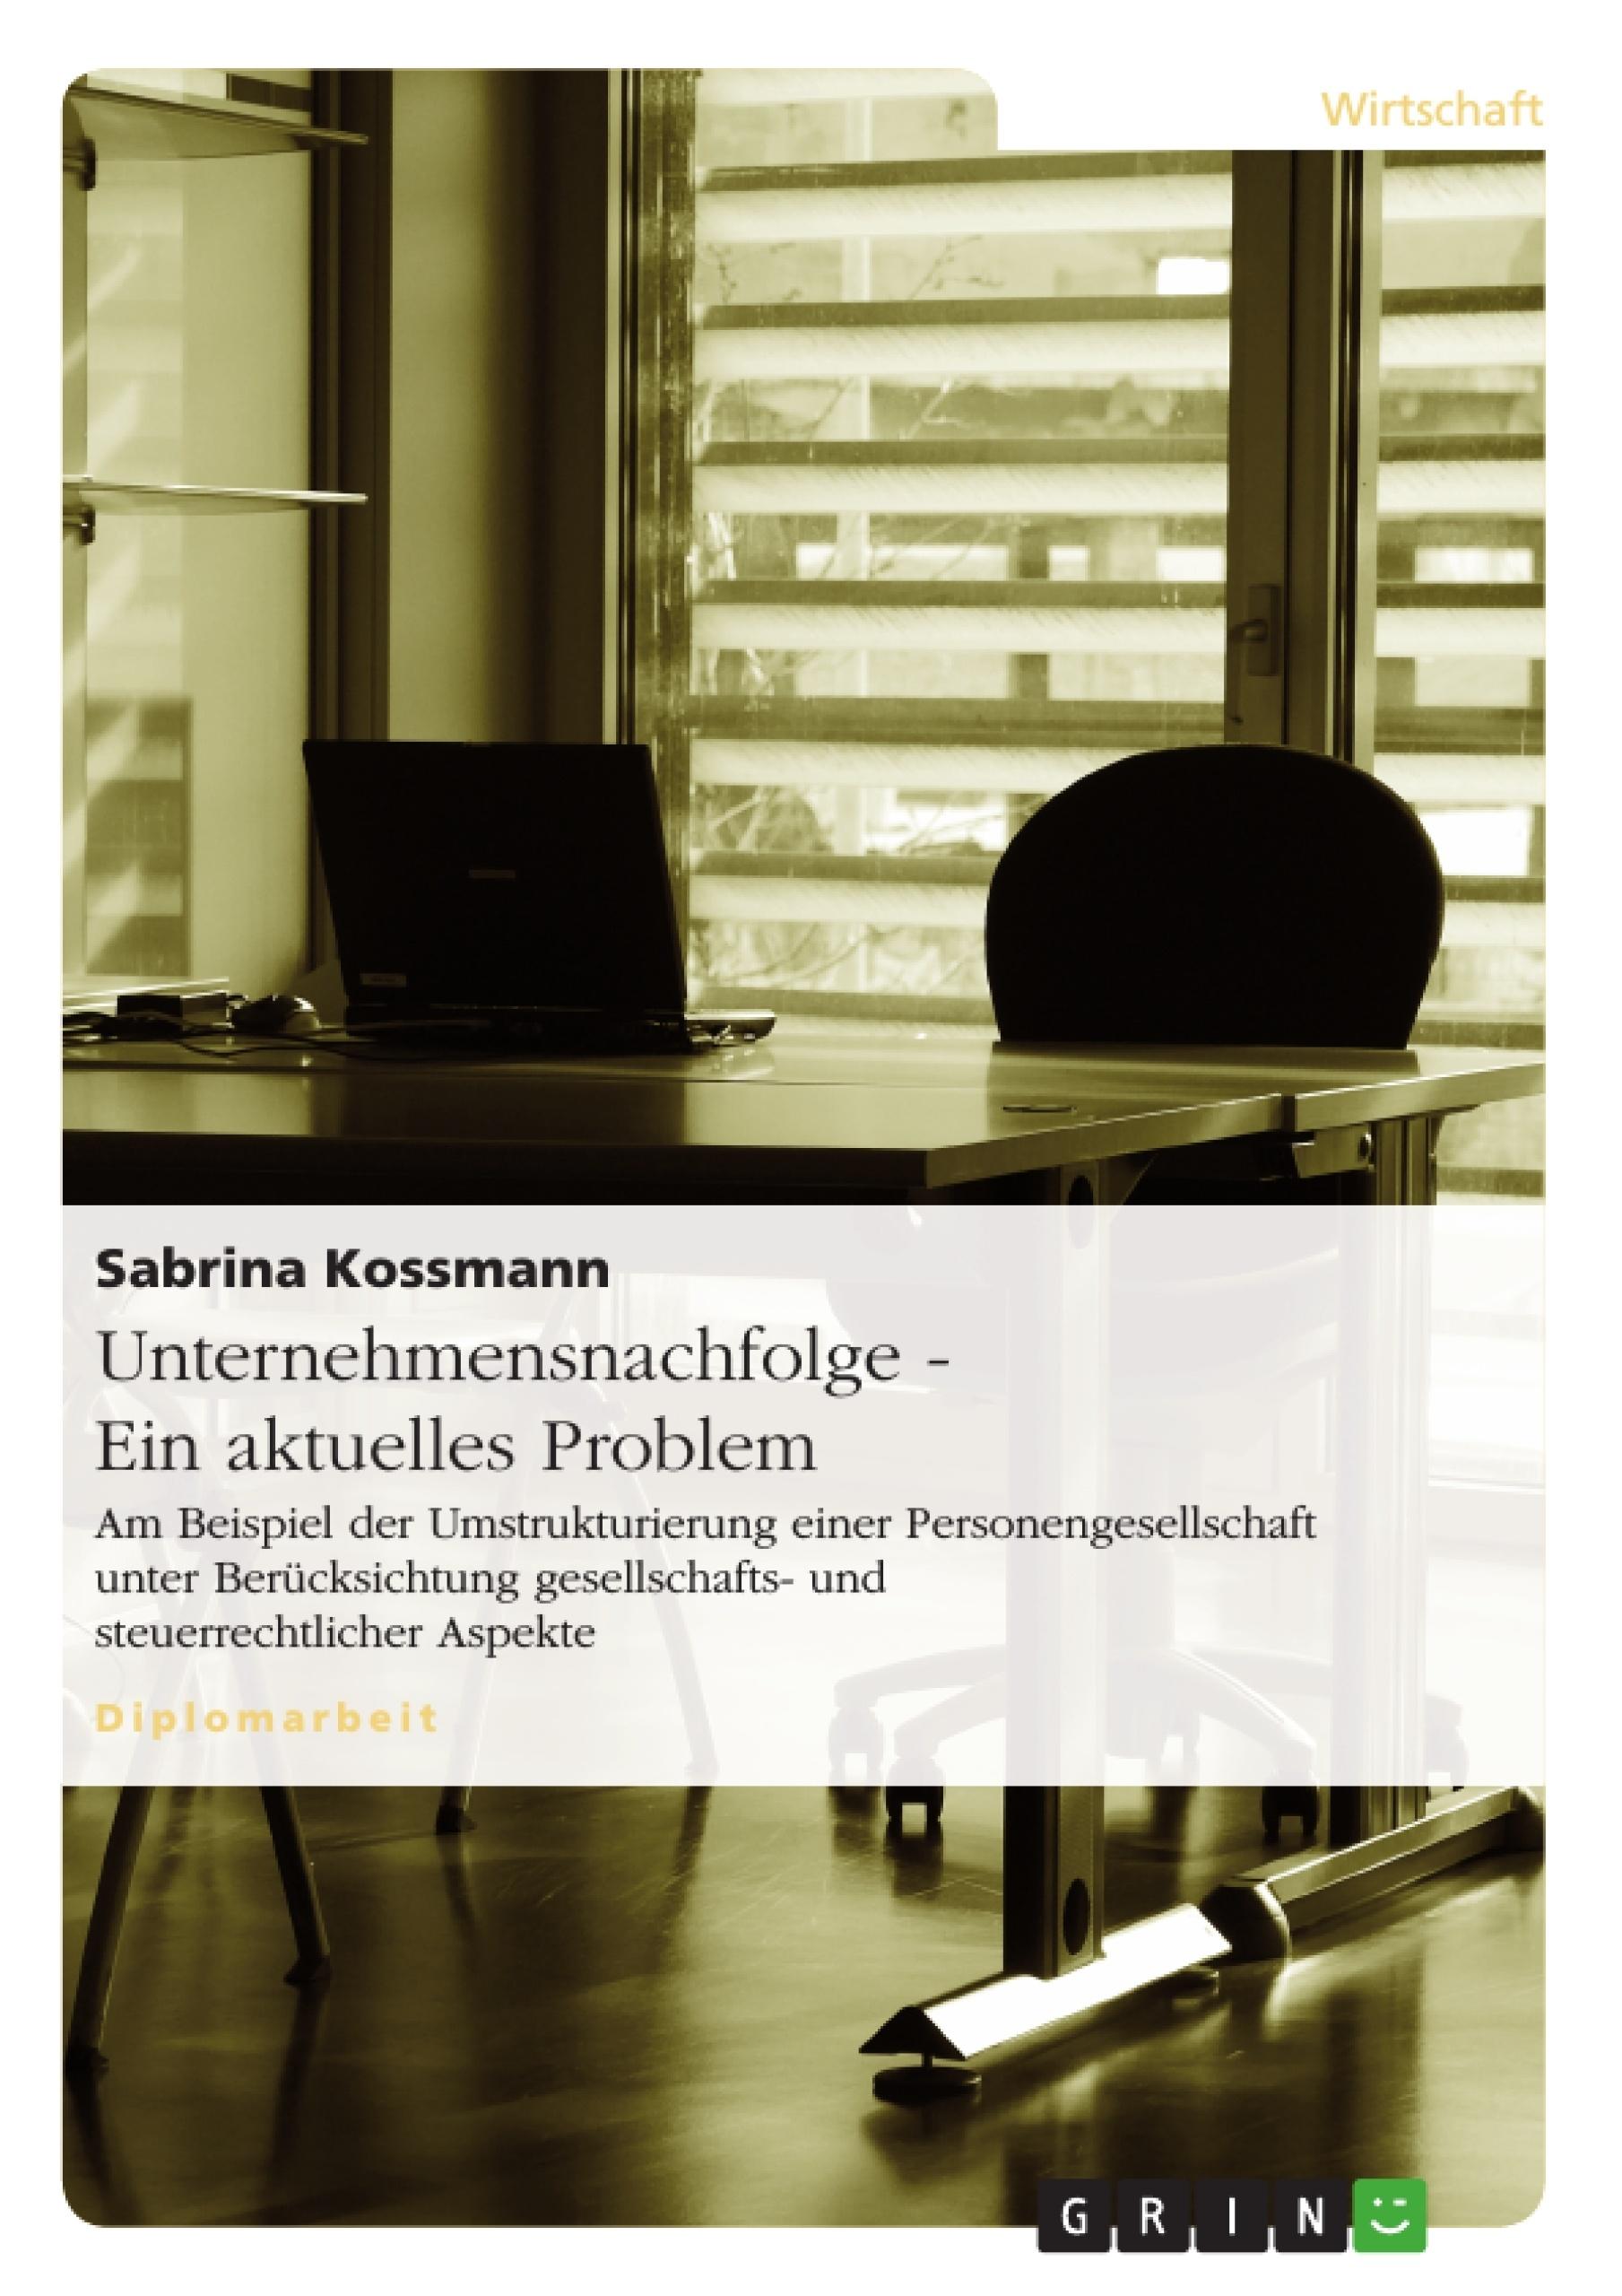 Titel: Unternehmensnachfolge - Ein aktuelles Problem